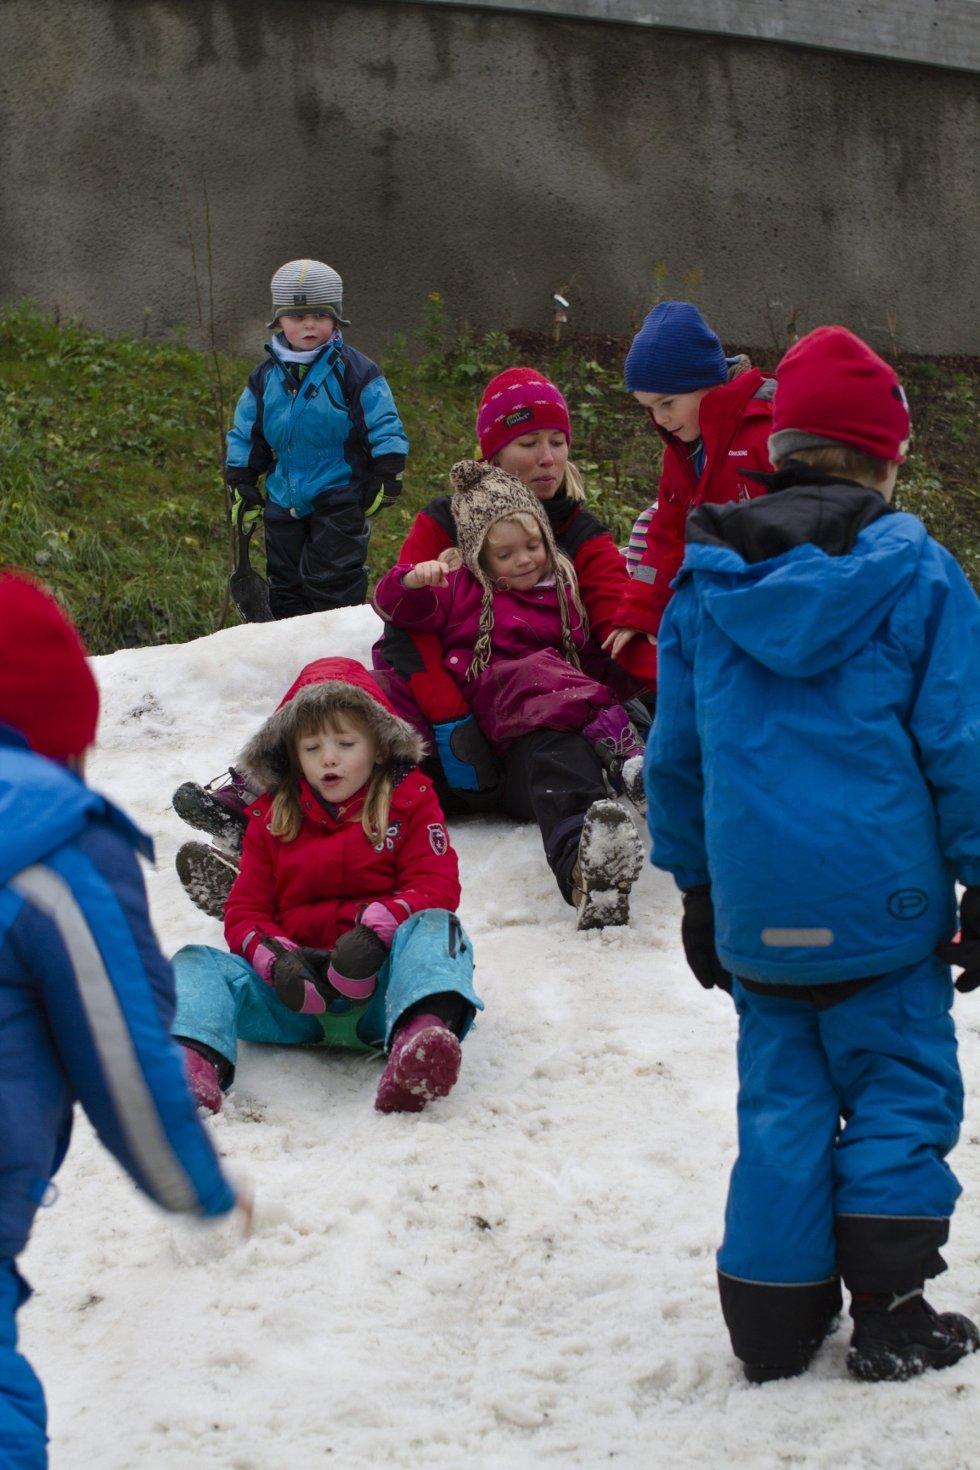 Nora Thorsteinsen Toft, prosjektleder i Stig og Stein Idélab (midten, rød lue) var med på leken. Snøstuntet er en del av et større samarbeid mellom Stig og Stein og OBOS om å skape et godt miljø i Kværnerbyen.